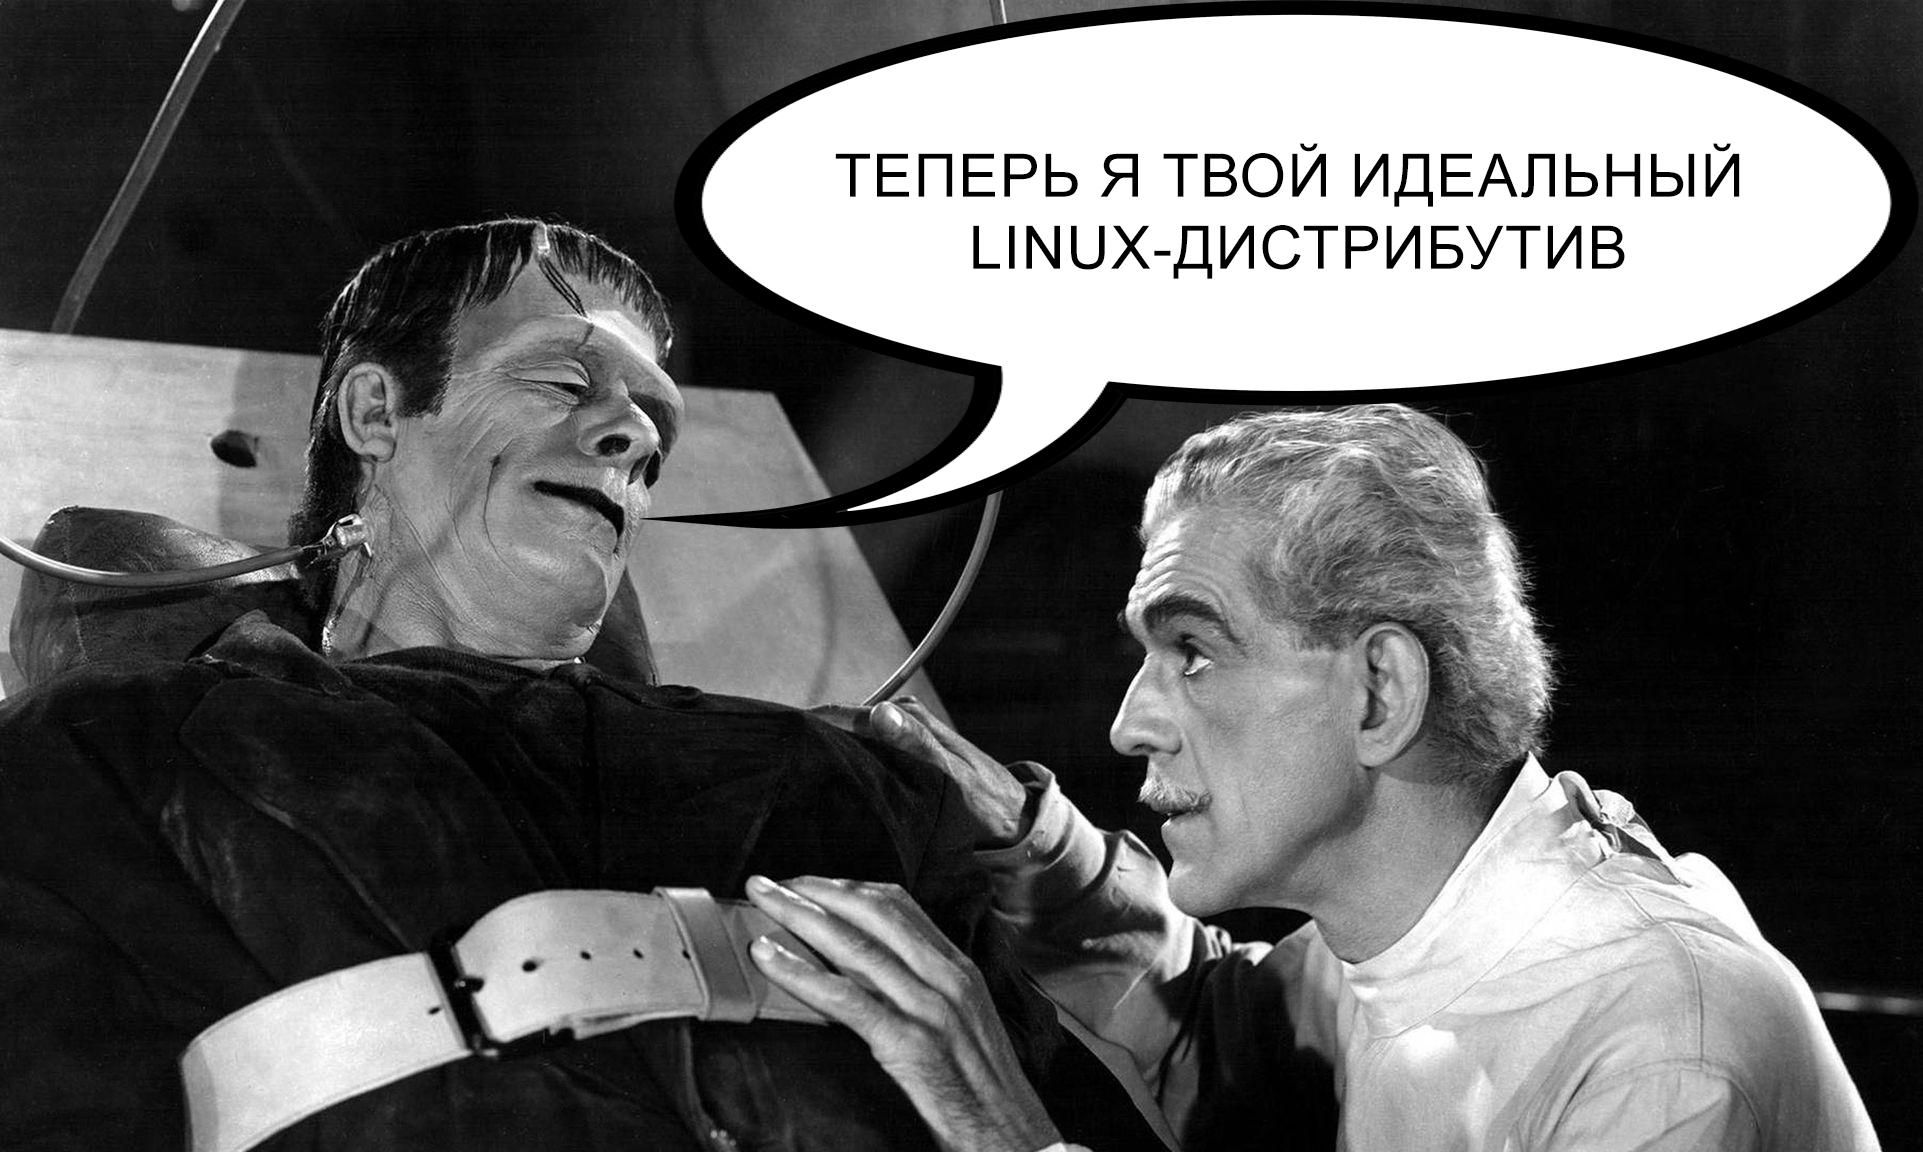 Bedrock Linux лего-набор для создания идеального linux-дистрибутива